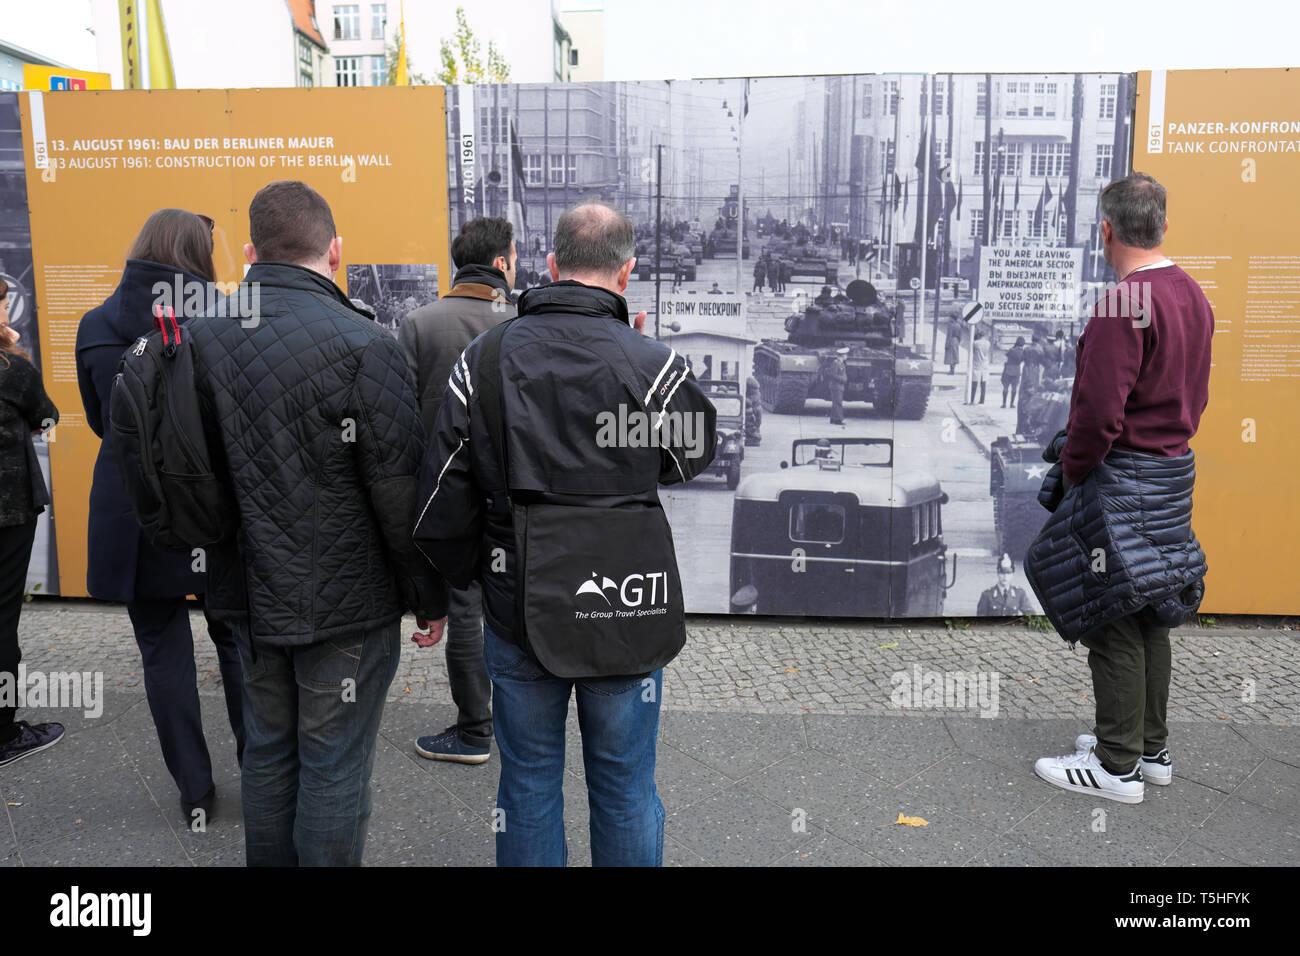 Berlin, Alemania - turistas y visitantes mira una foto de la época de la guerra fría el paso fronterizo Checkpoint Charlie, en el mismo lugar hoy Imagen De Stock